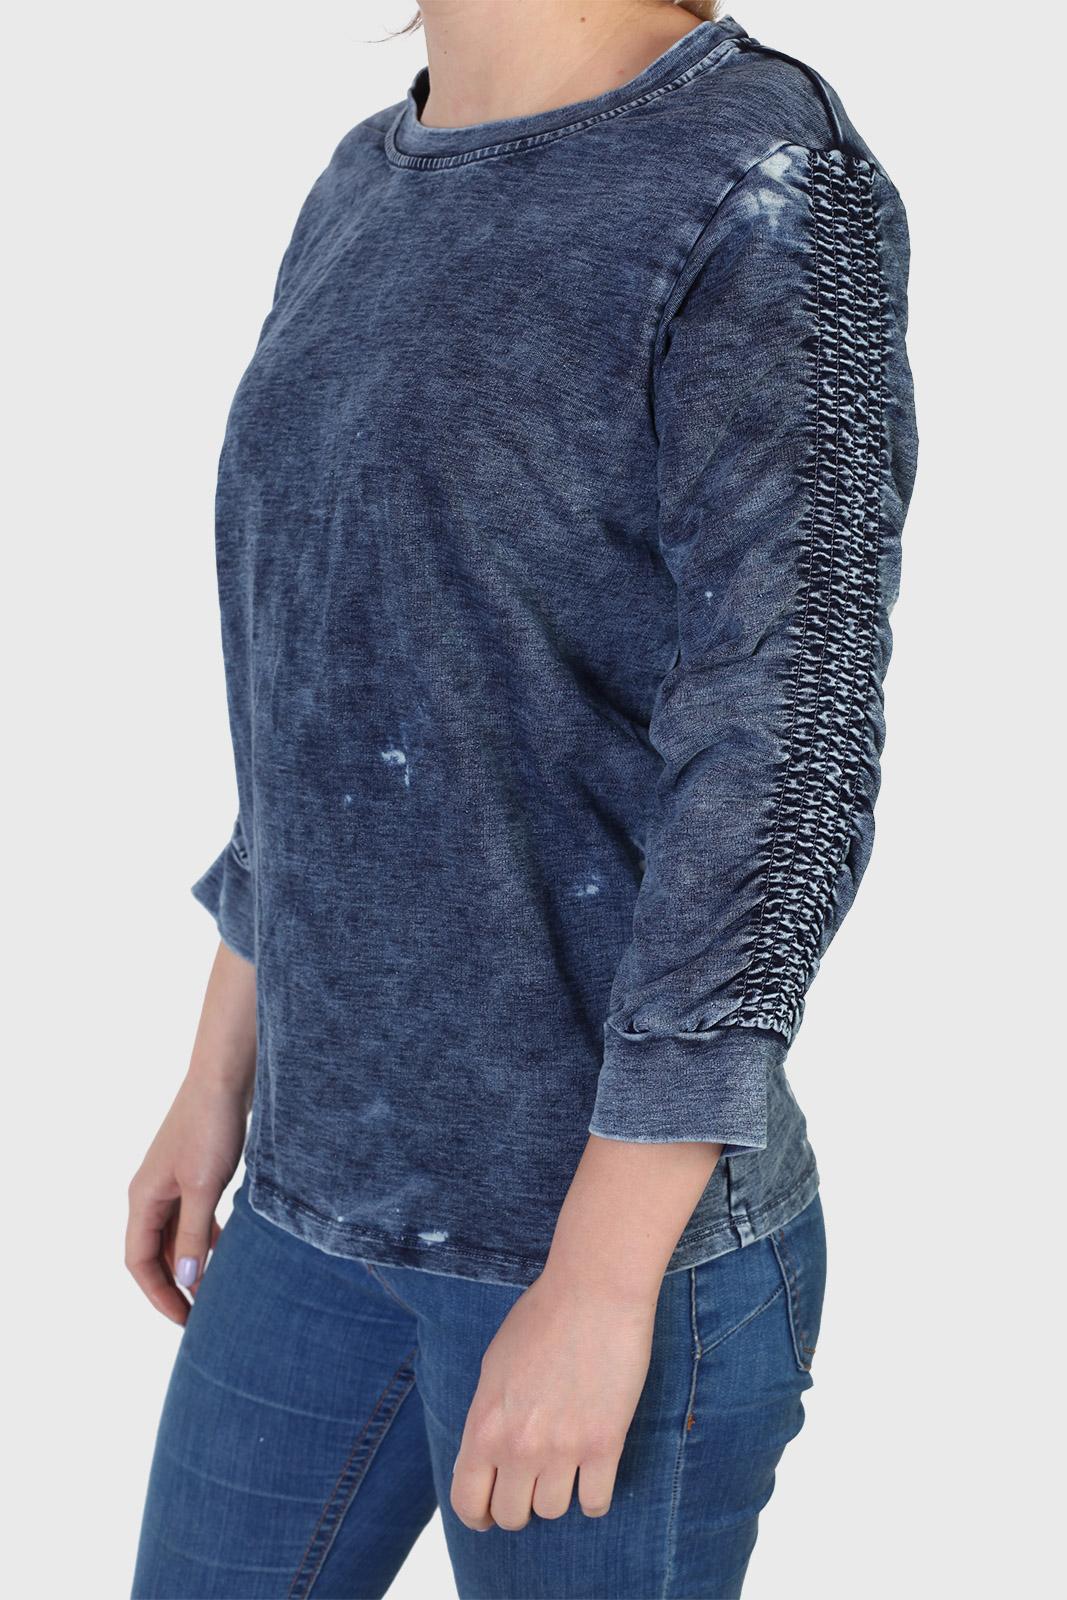 Купить в интернет магазине женскую кофточку с рукавом ¾